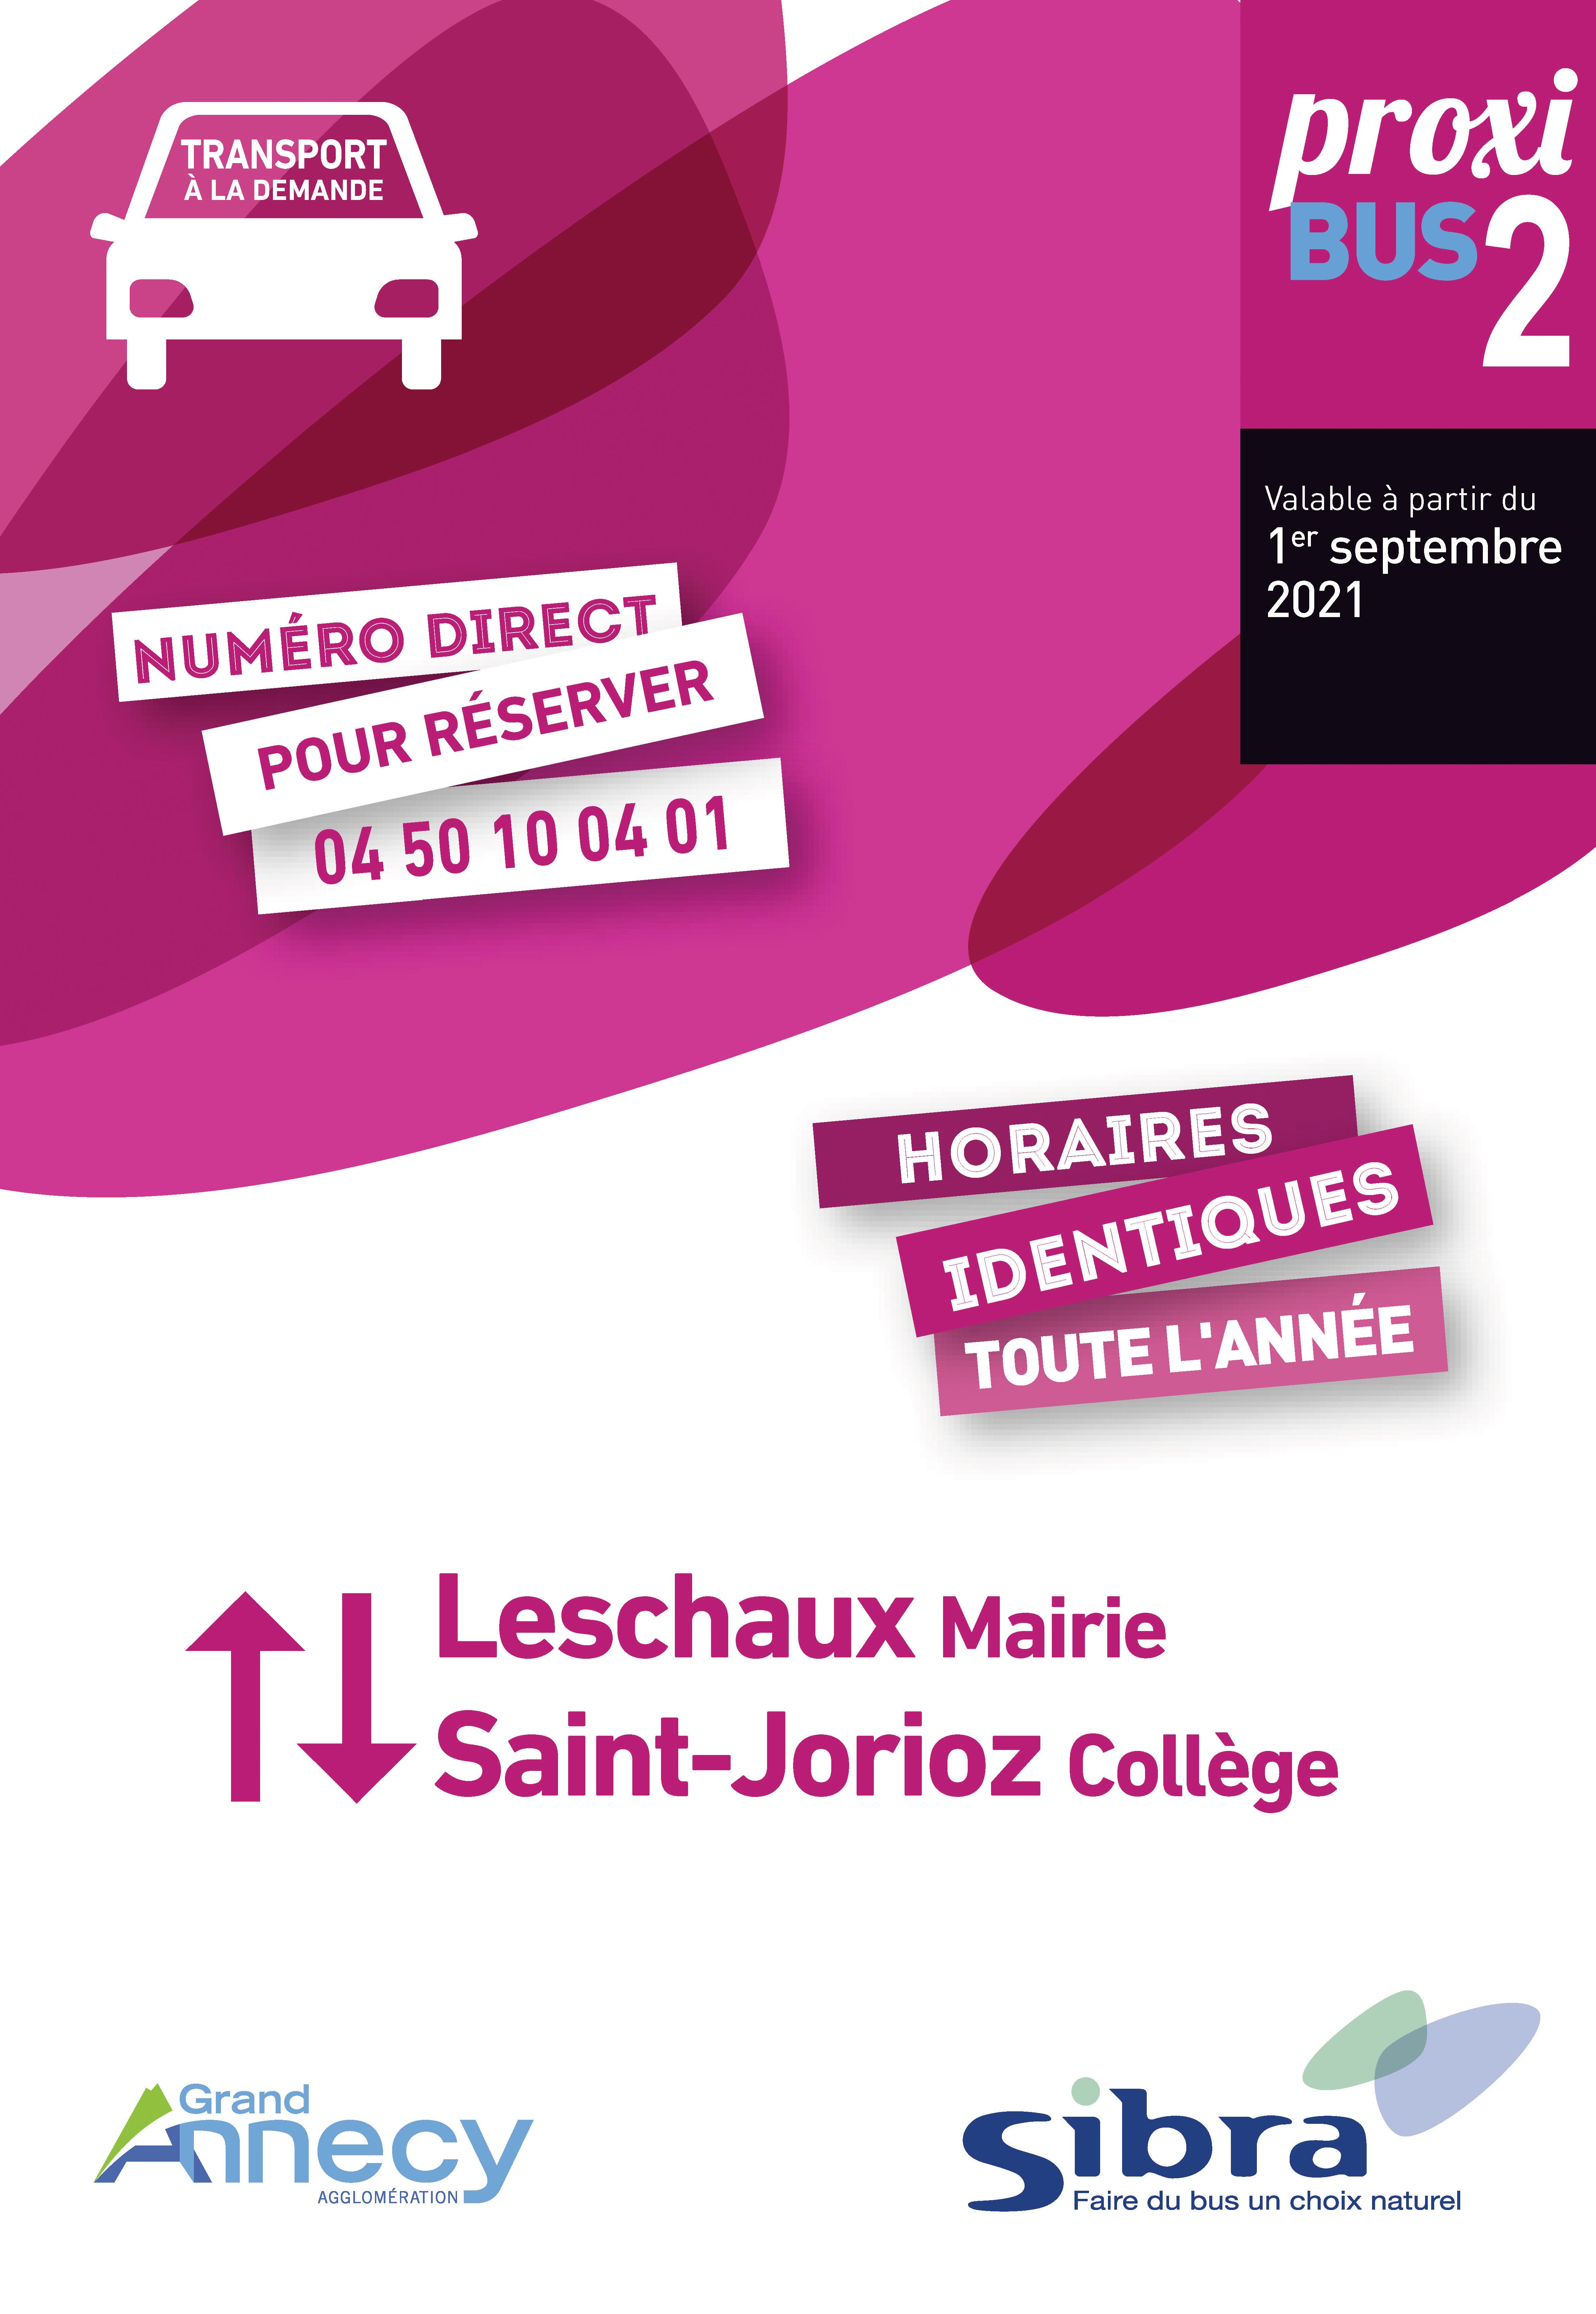 Couverture Fiche Horaire Proxibus2 - Août 2021